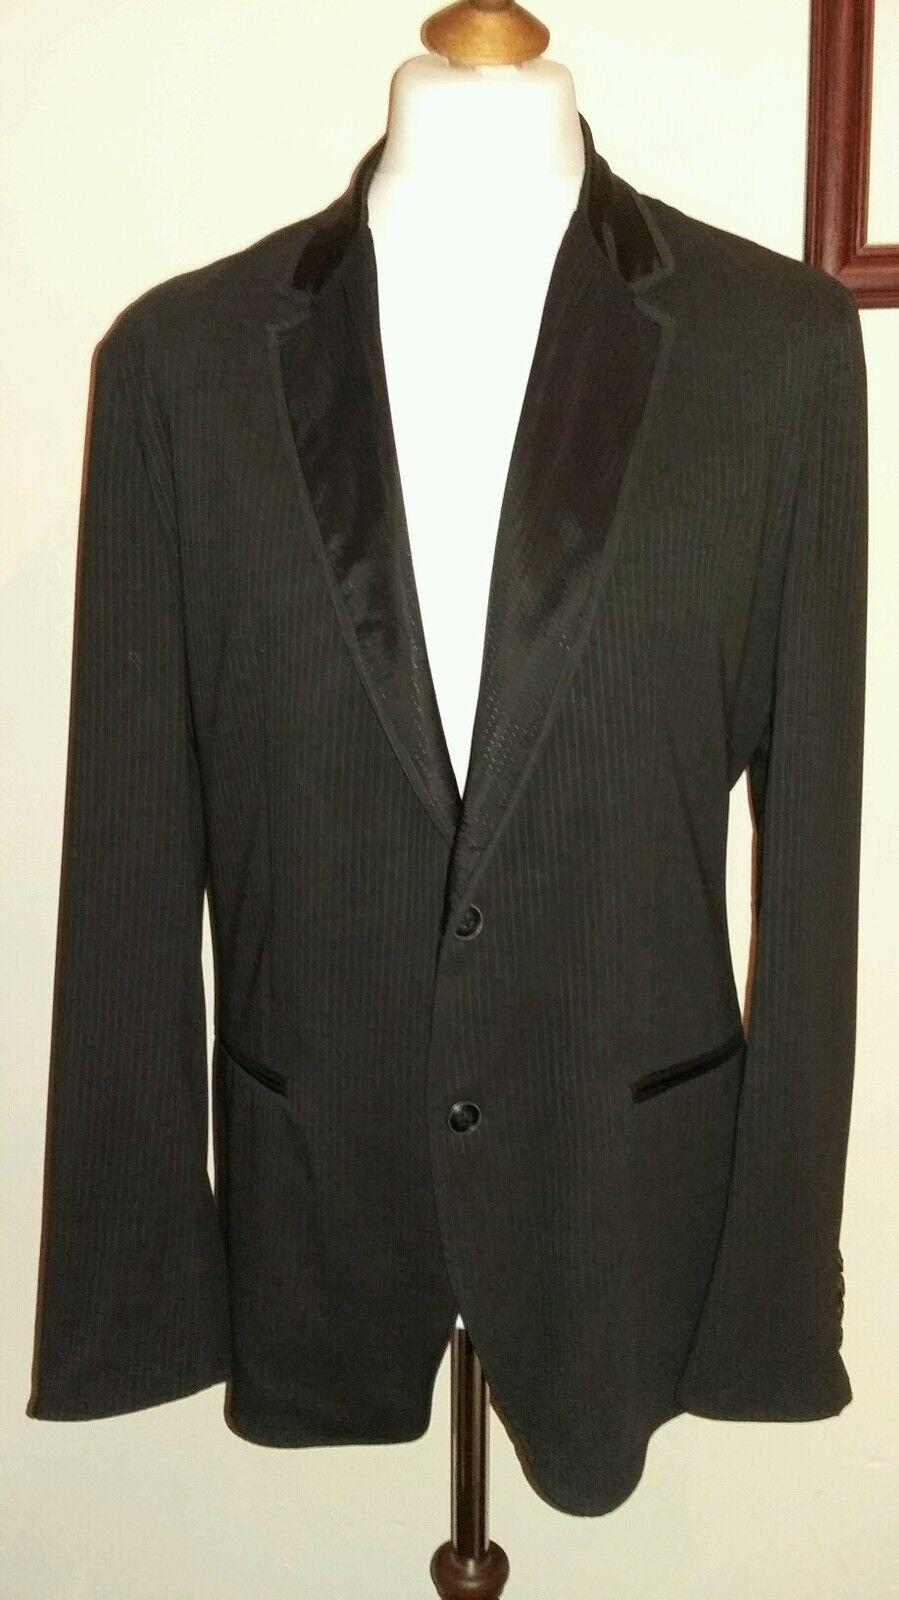 DOLCE & GABBANA SPORT (Italia) Cappotto Blazer Nero (Italia) SPORT Gessato Taglia 52 857f7c